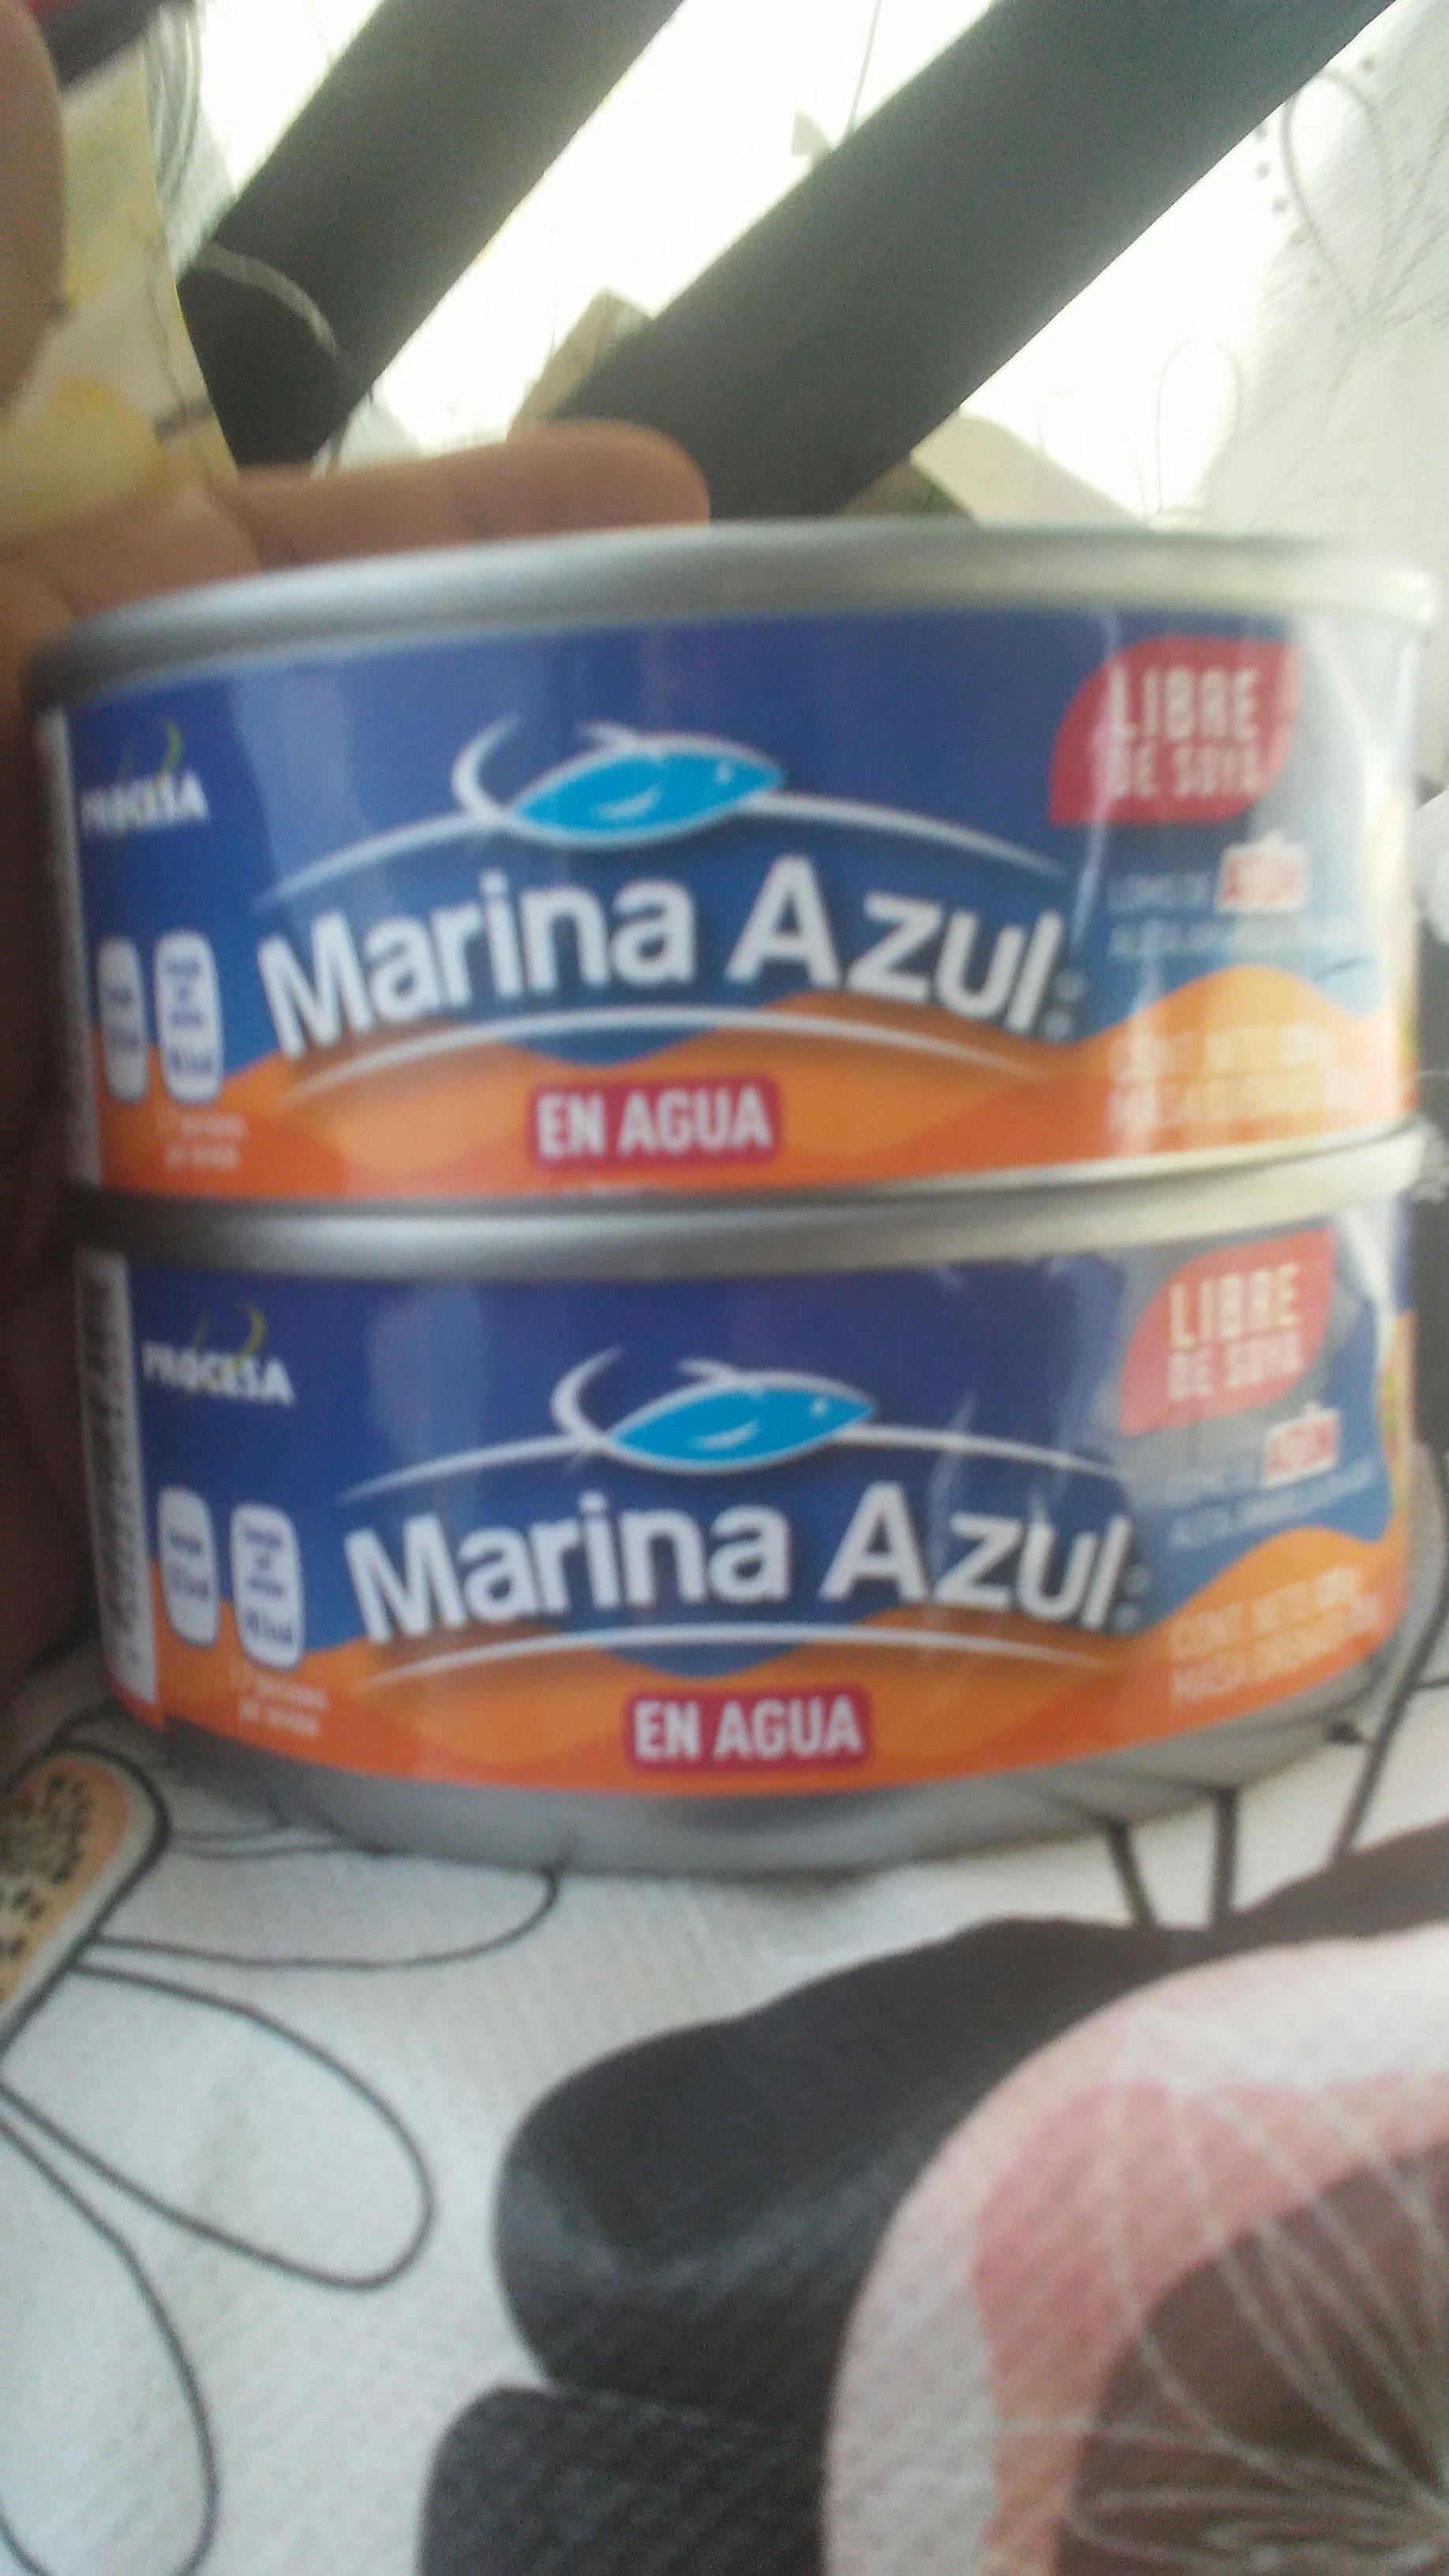 Bodega aurrera: atún marina azul en agua 120g